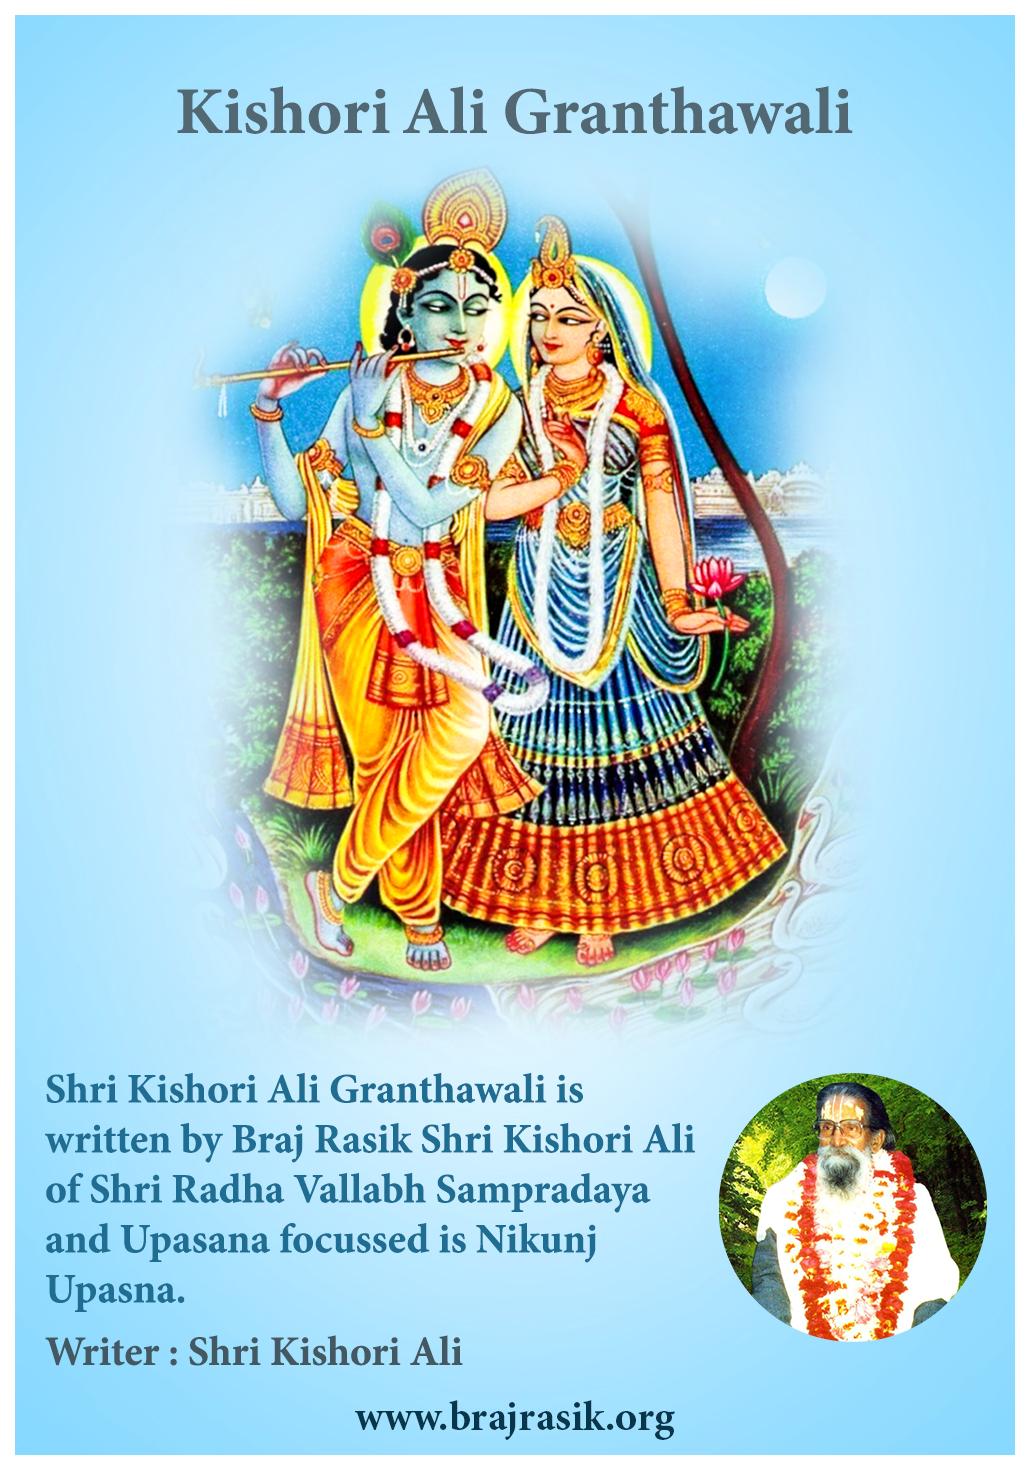 Kishori Ali Granthawali